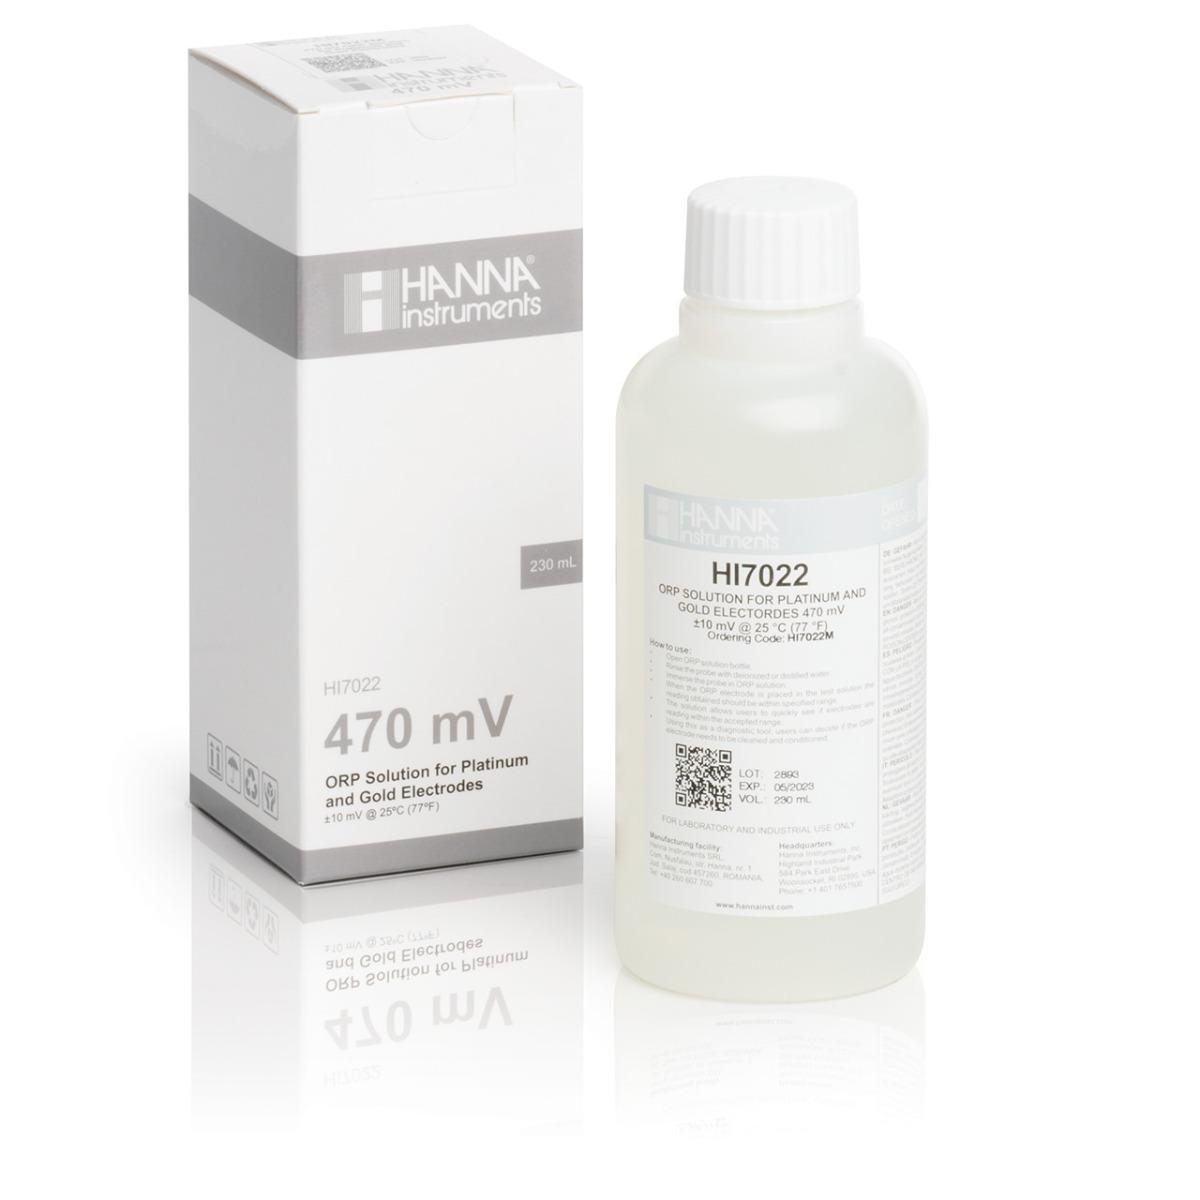 HI7022M ORP Test Solution @470 mV (230 mL)